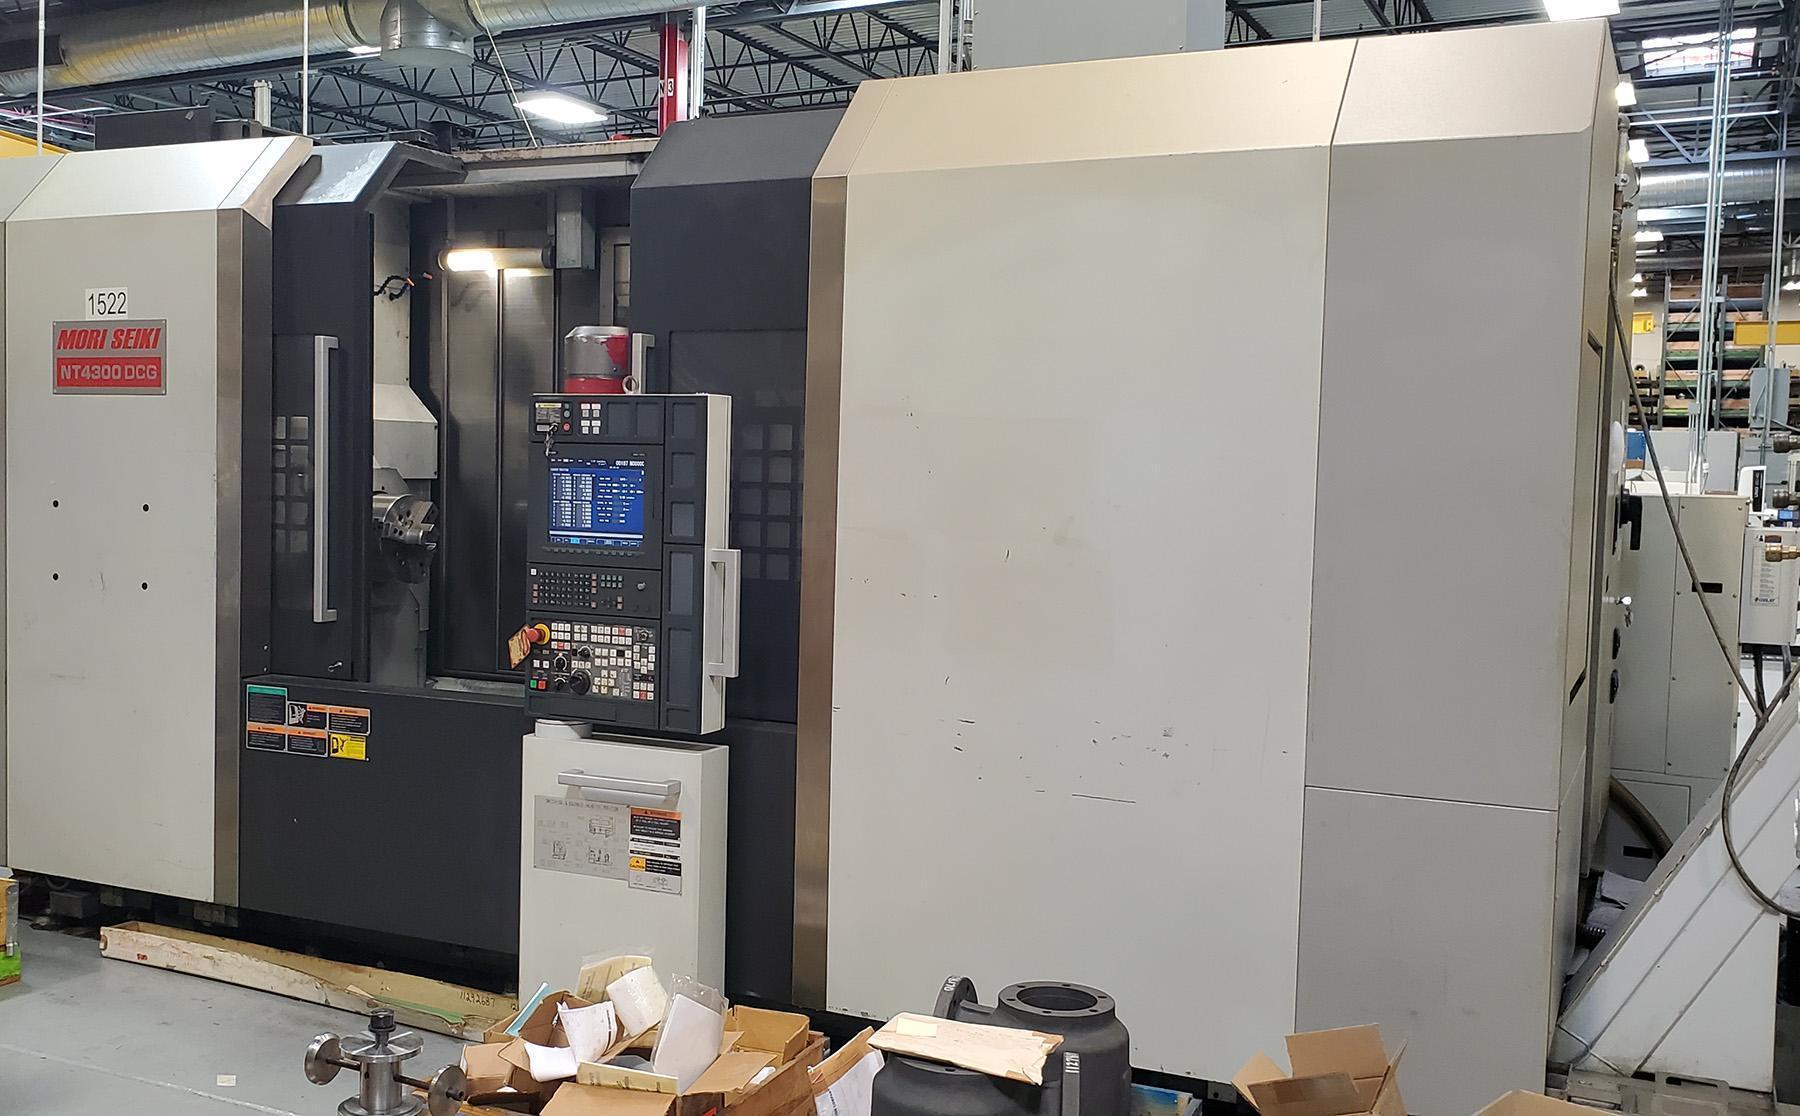 USED, MORI SEIKI NT4300 DCG / 1500 CNC TURNING / MILLING CENTER